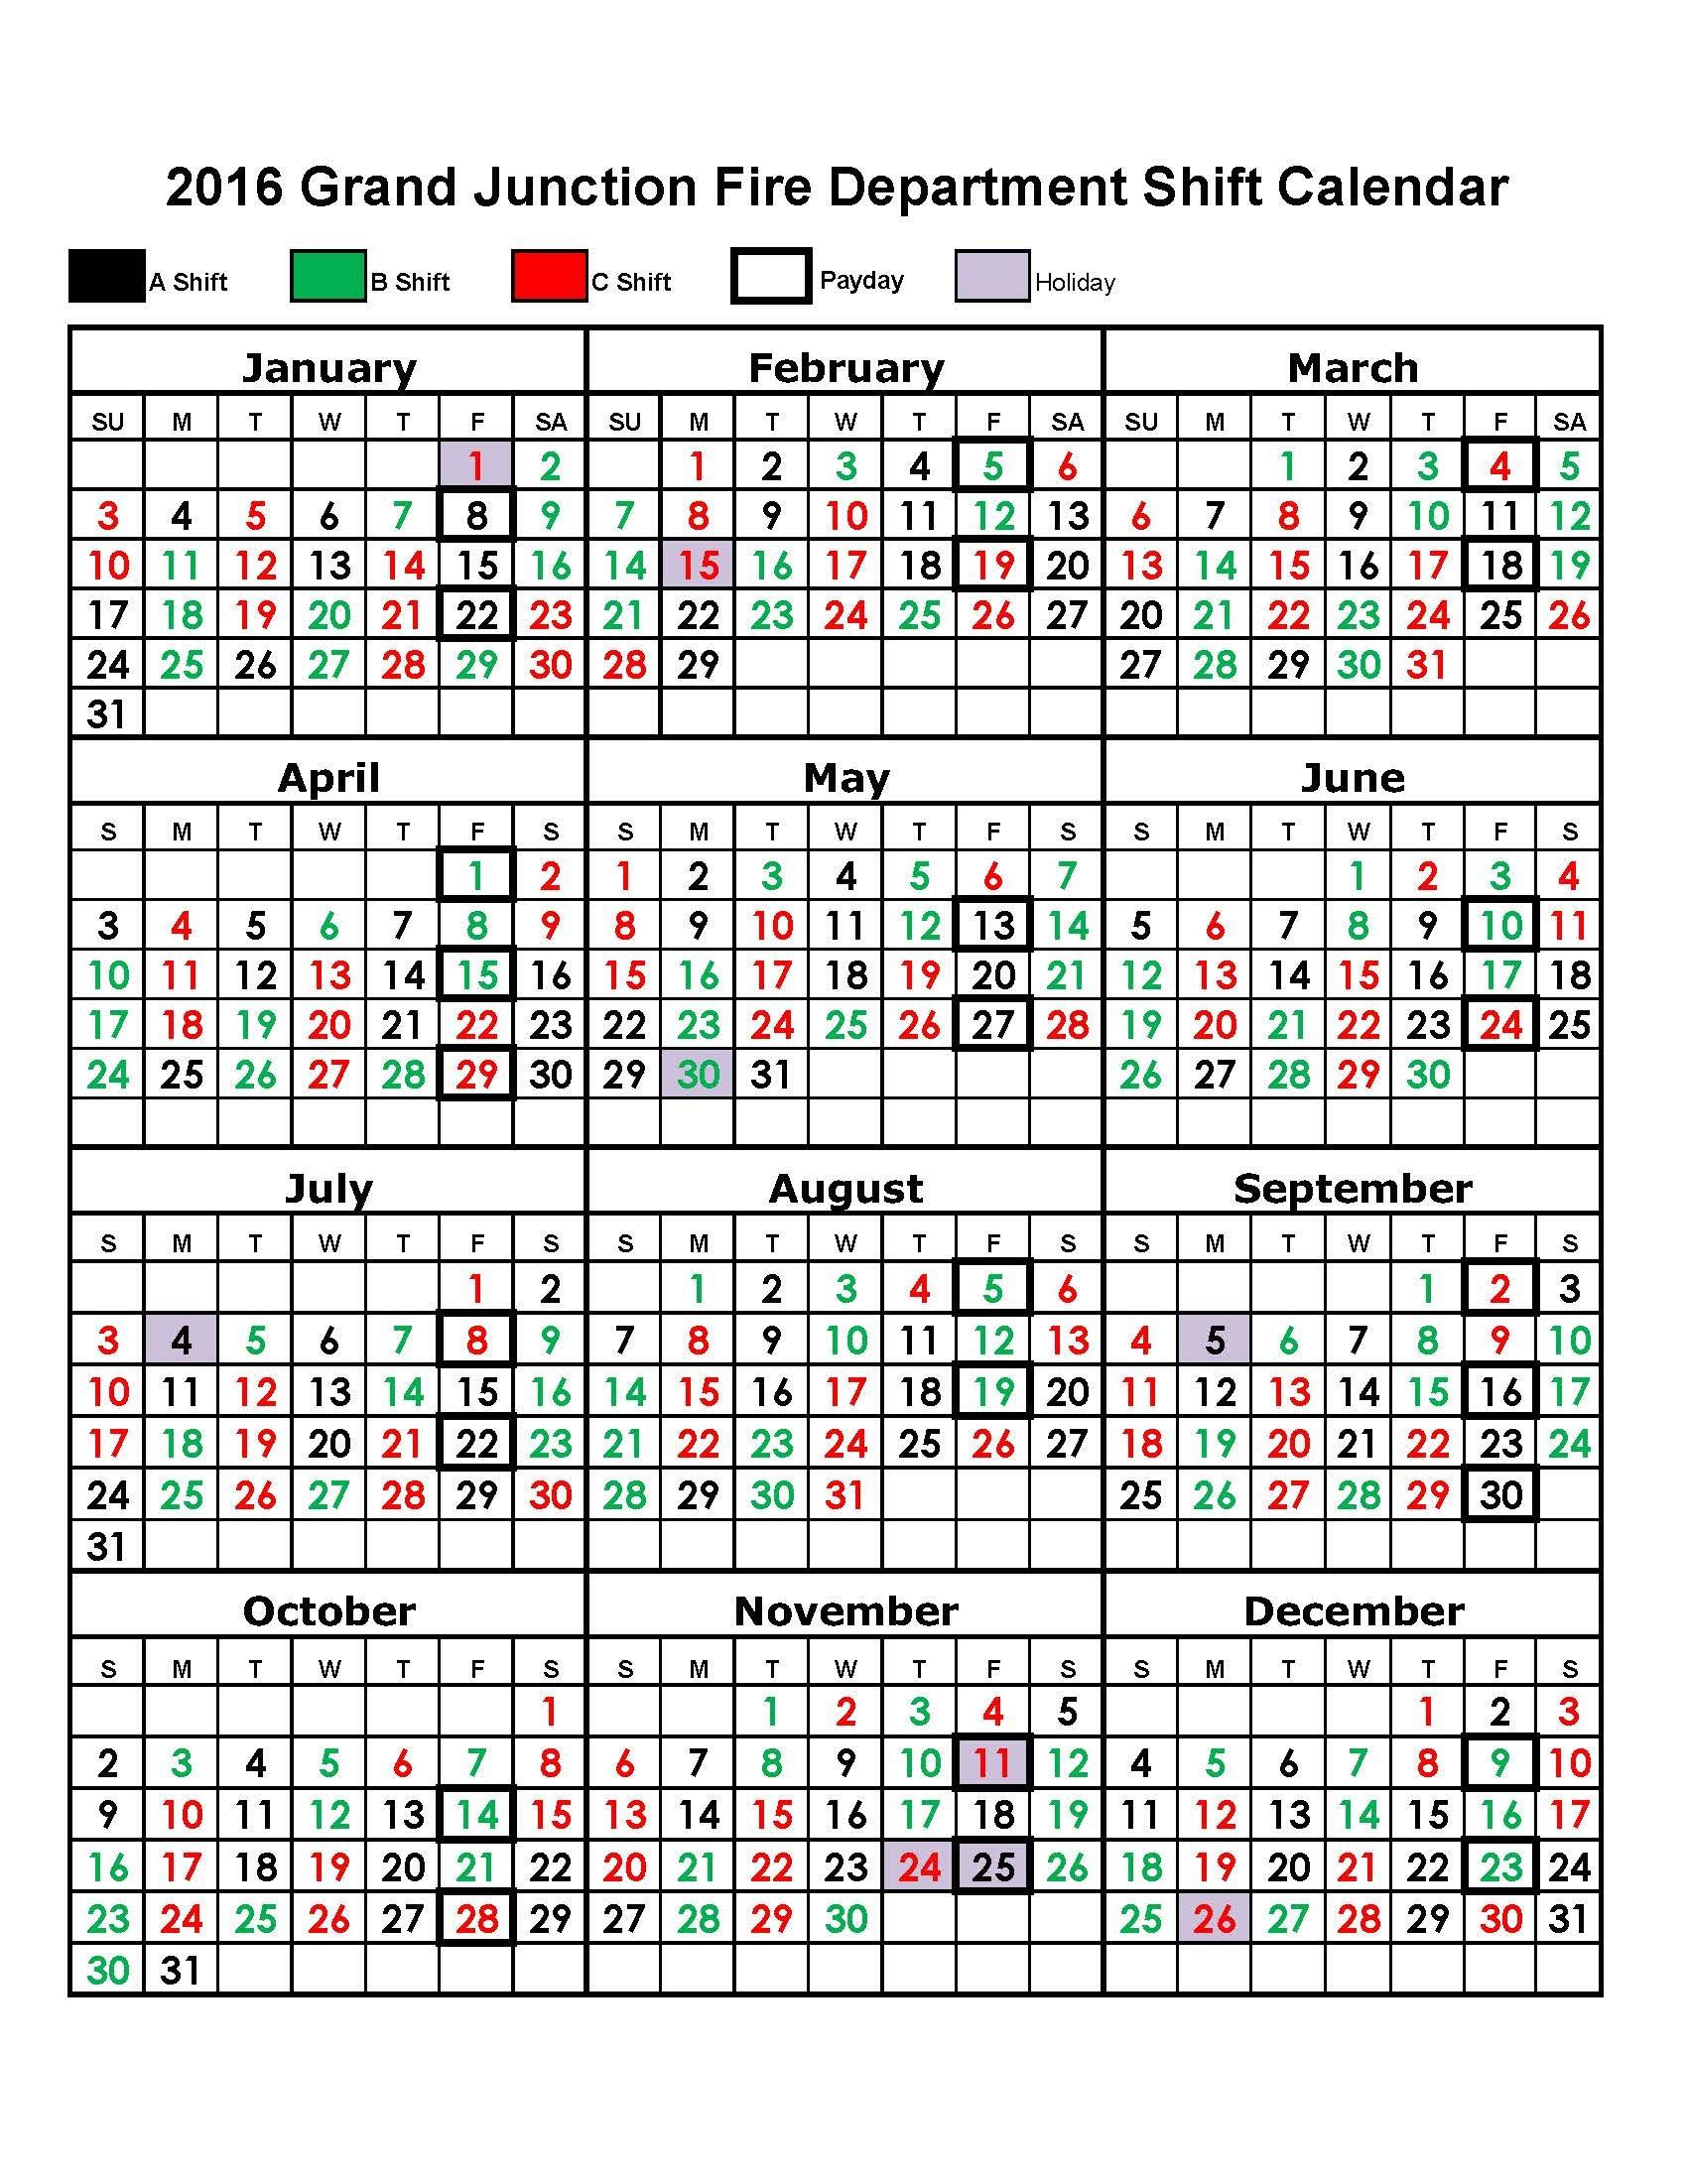 Houston Fire Department Shift Calendar | Printable Free Printable Shift Calendars